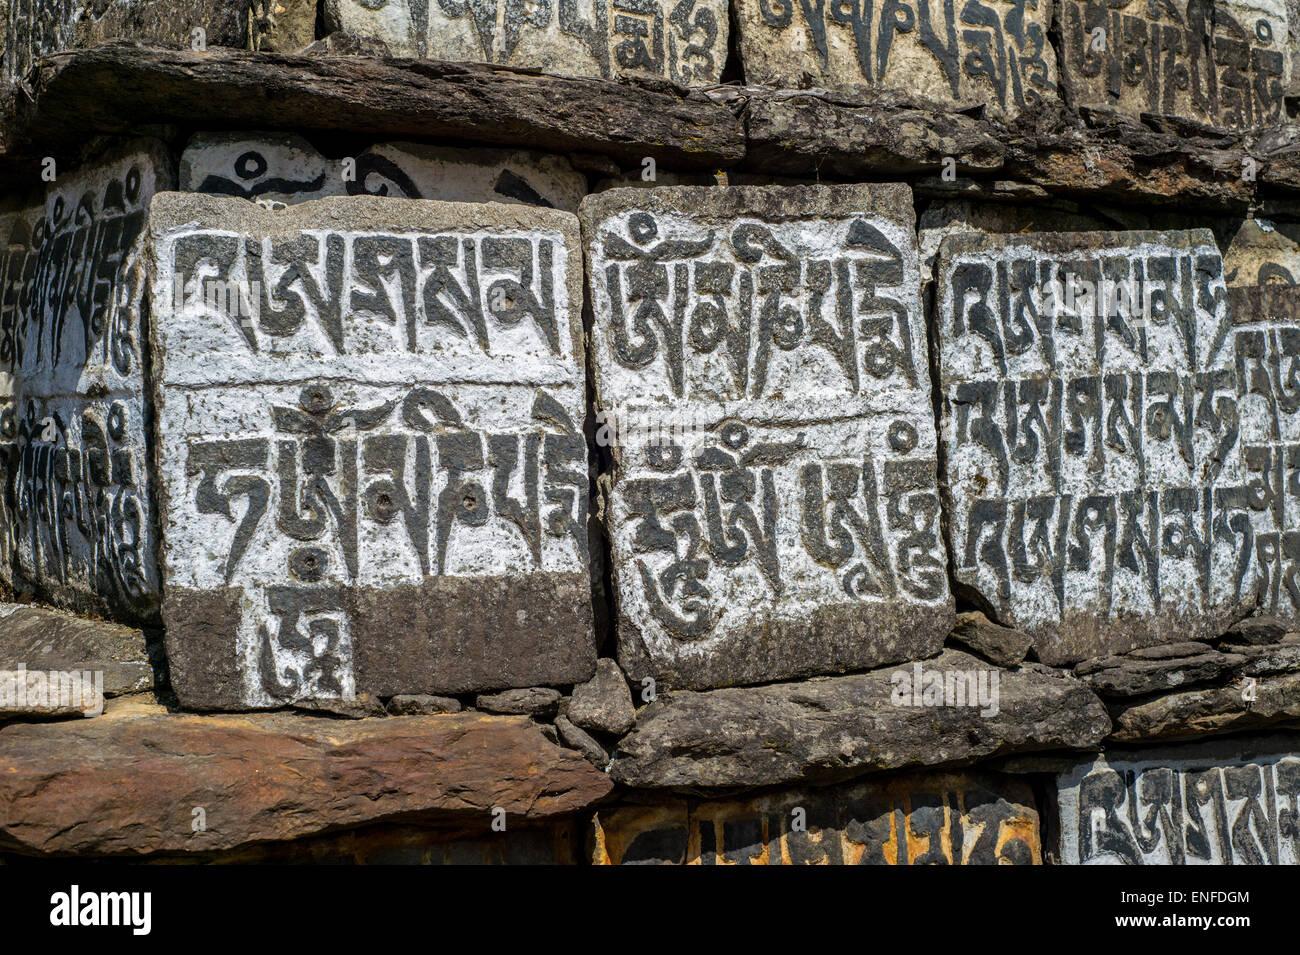 Alten Mani-Steinen eingeschrieben mit einem buddhistischen Mantra in der Himalaya-Region, Nepal Stockfoto